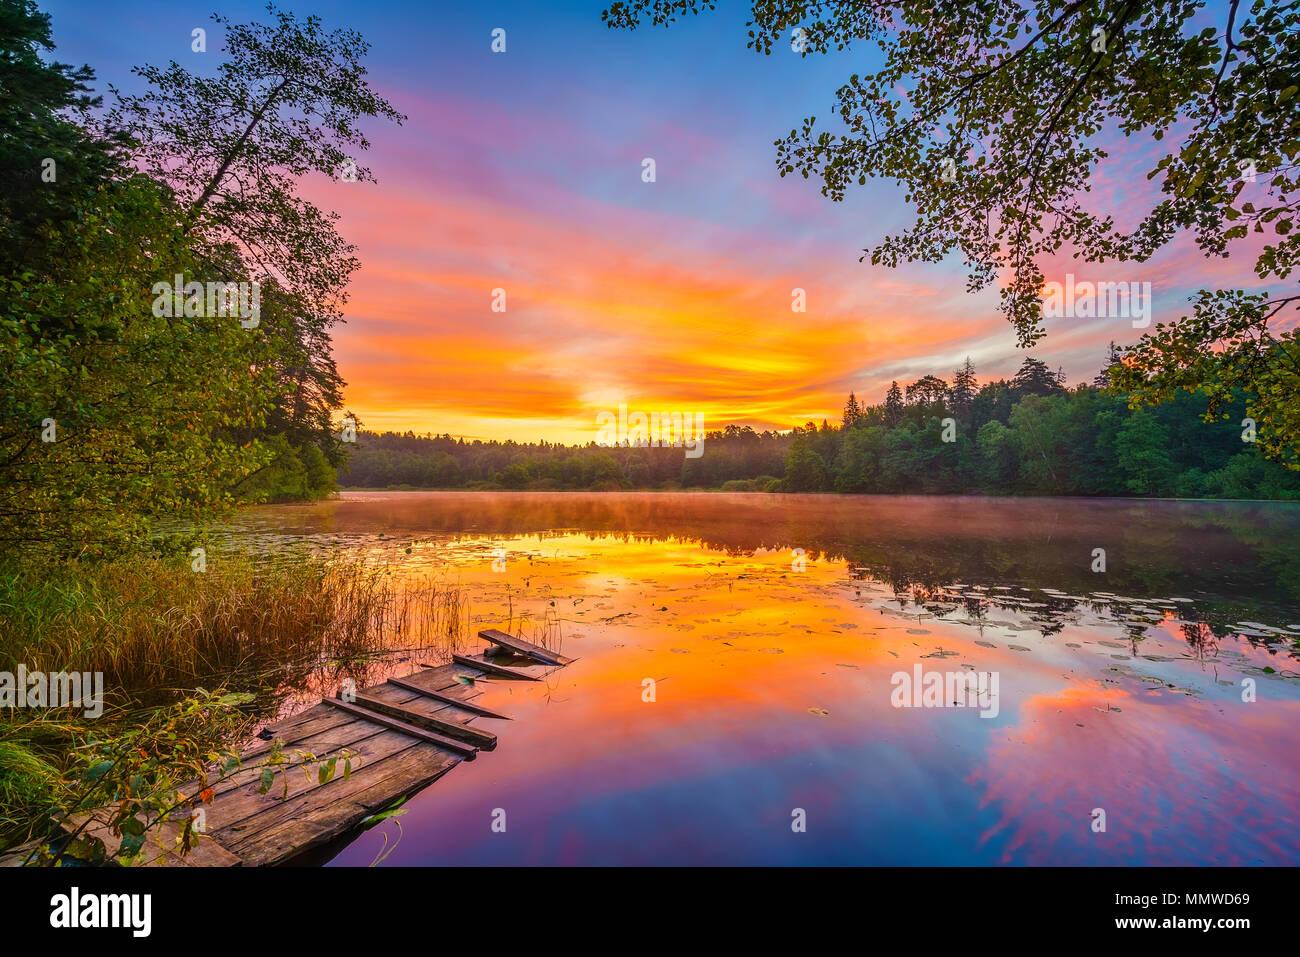 Lever du soleil sur un lac lumineux Photo Stock